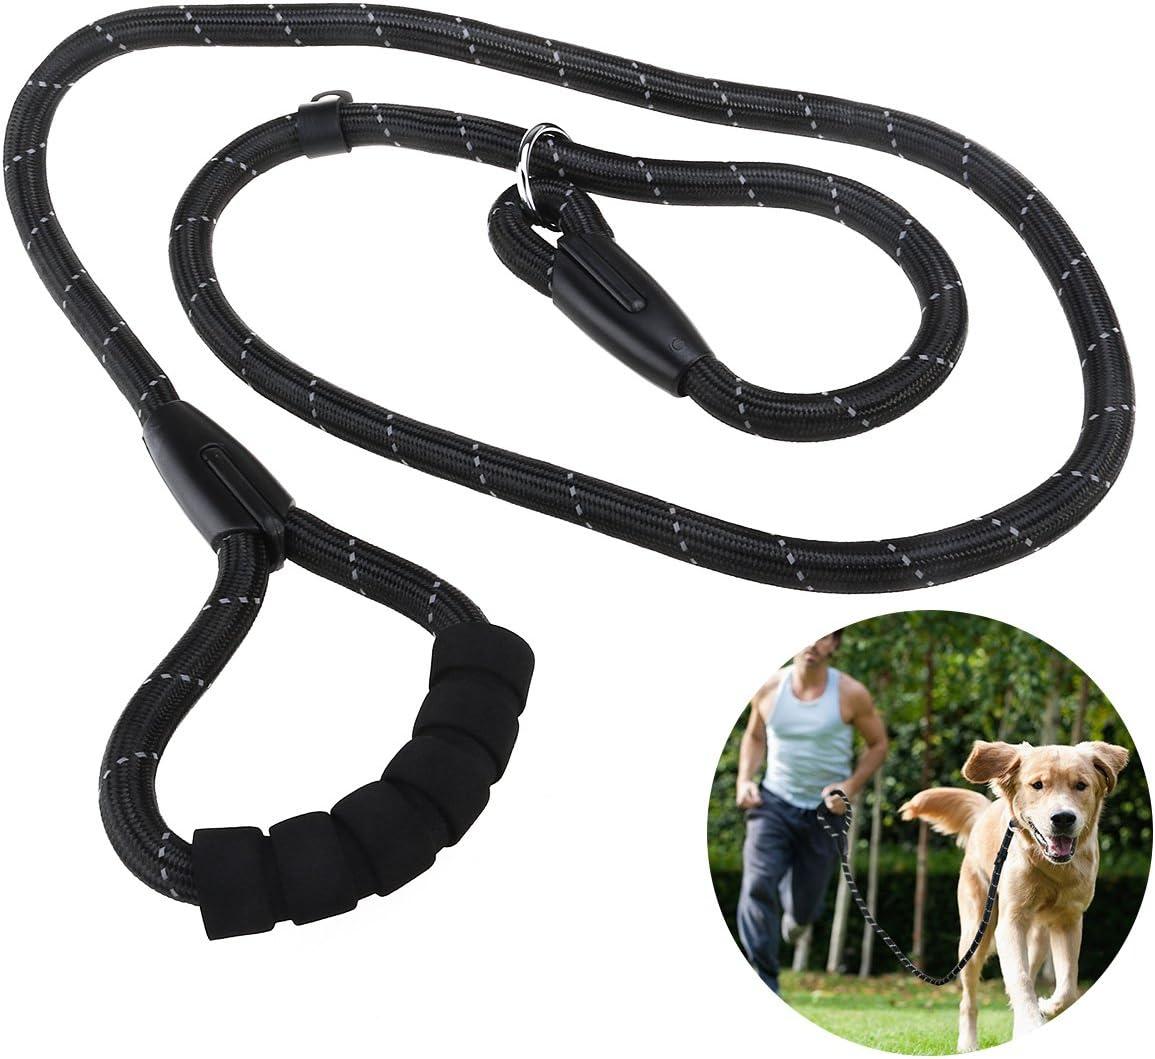 UEETEK Collar Antideslizante Cuello de Estrangulación P-Correa Reflexivo Durable Entrenamiento Cuerda Esponja Control de la Manija para Correr Pasear Senderismo